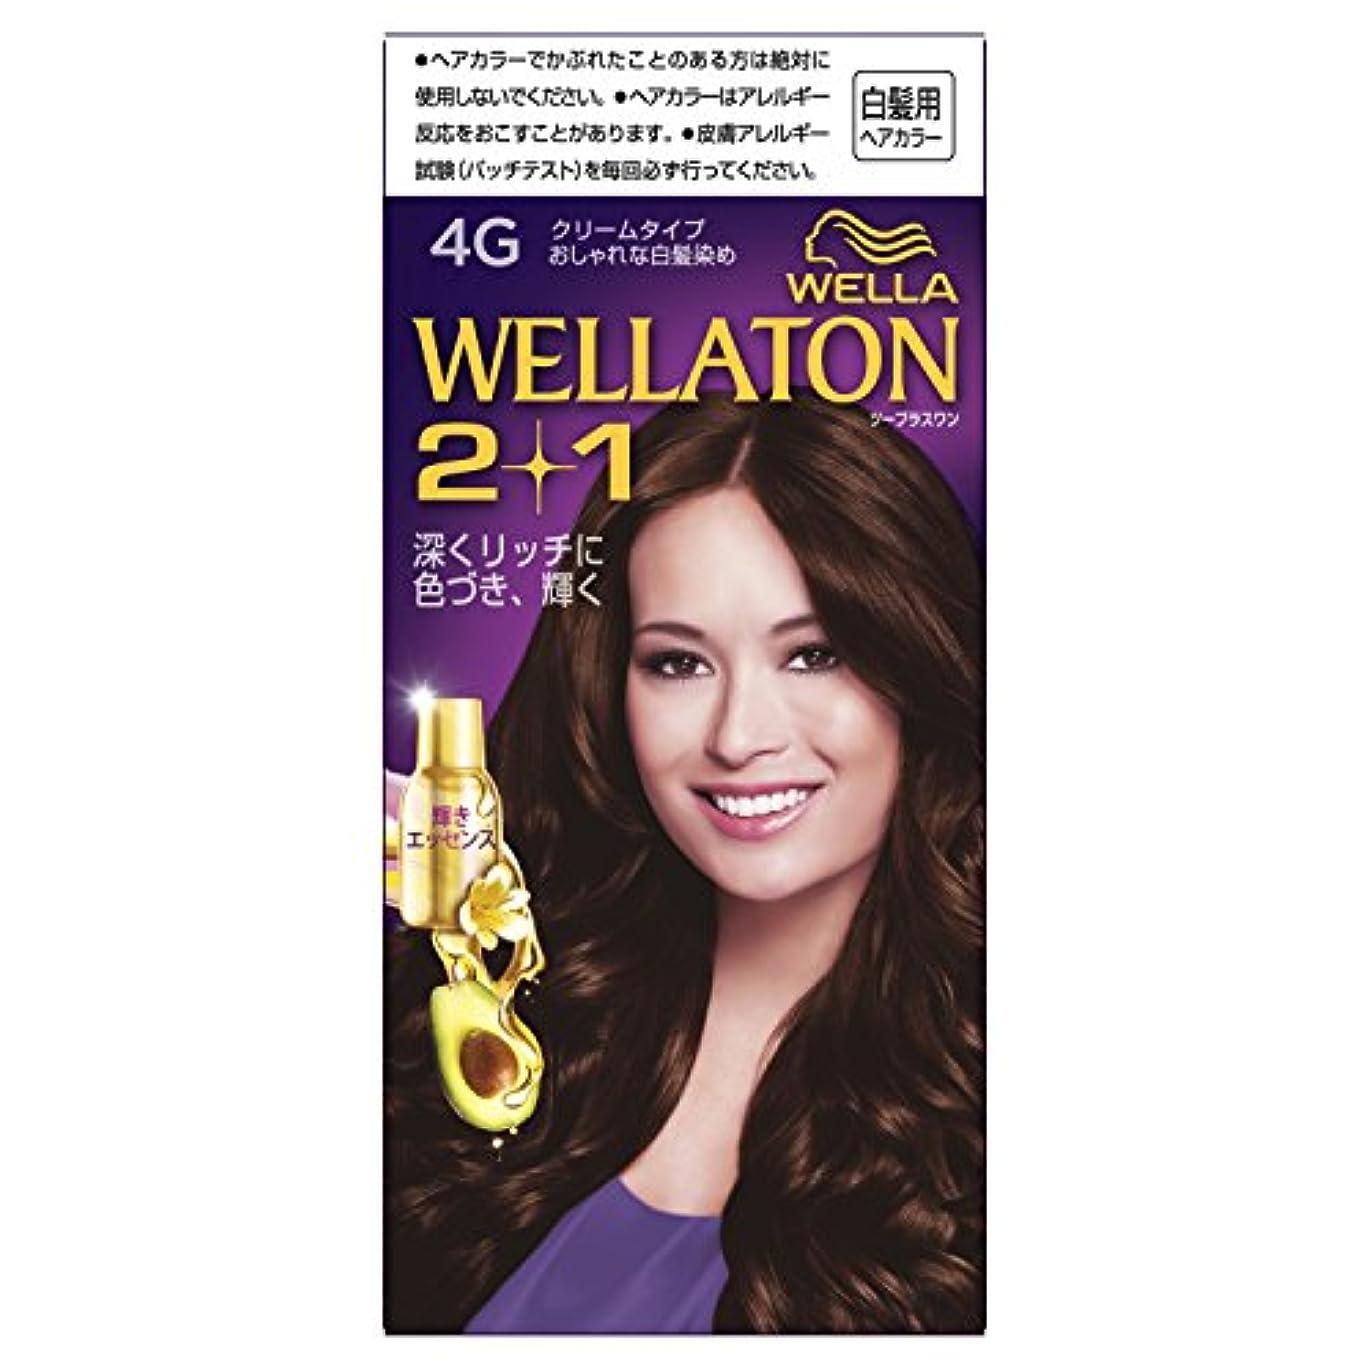 火傷主婦広告するウエラトーン2+1 クリームタイプ 4G[医薬部外品](おしゃれな白髪染め)